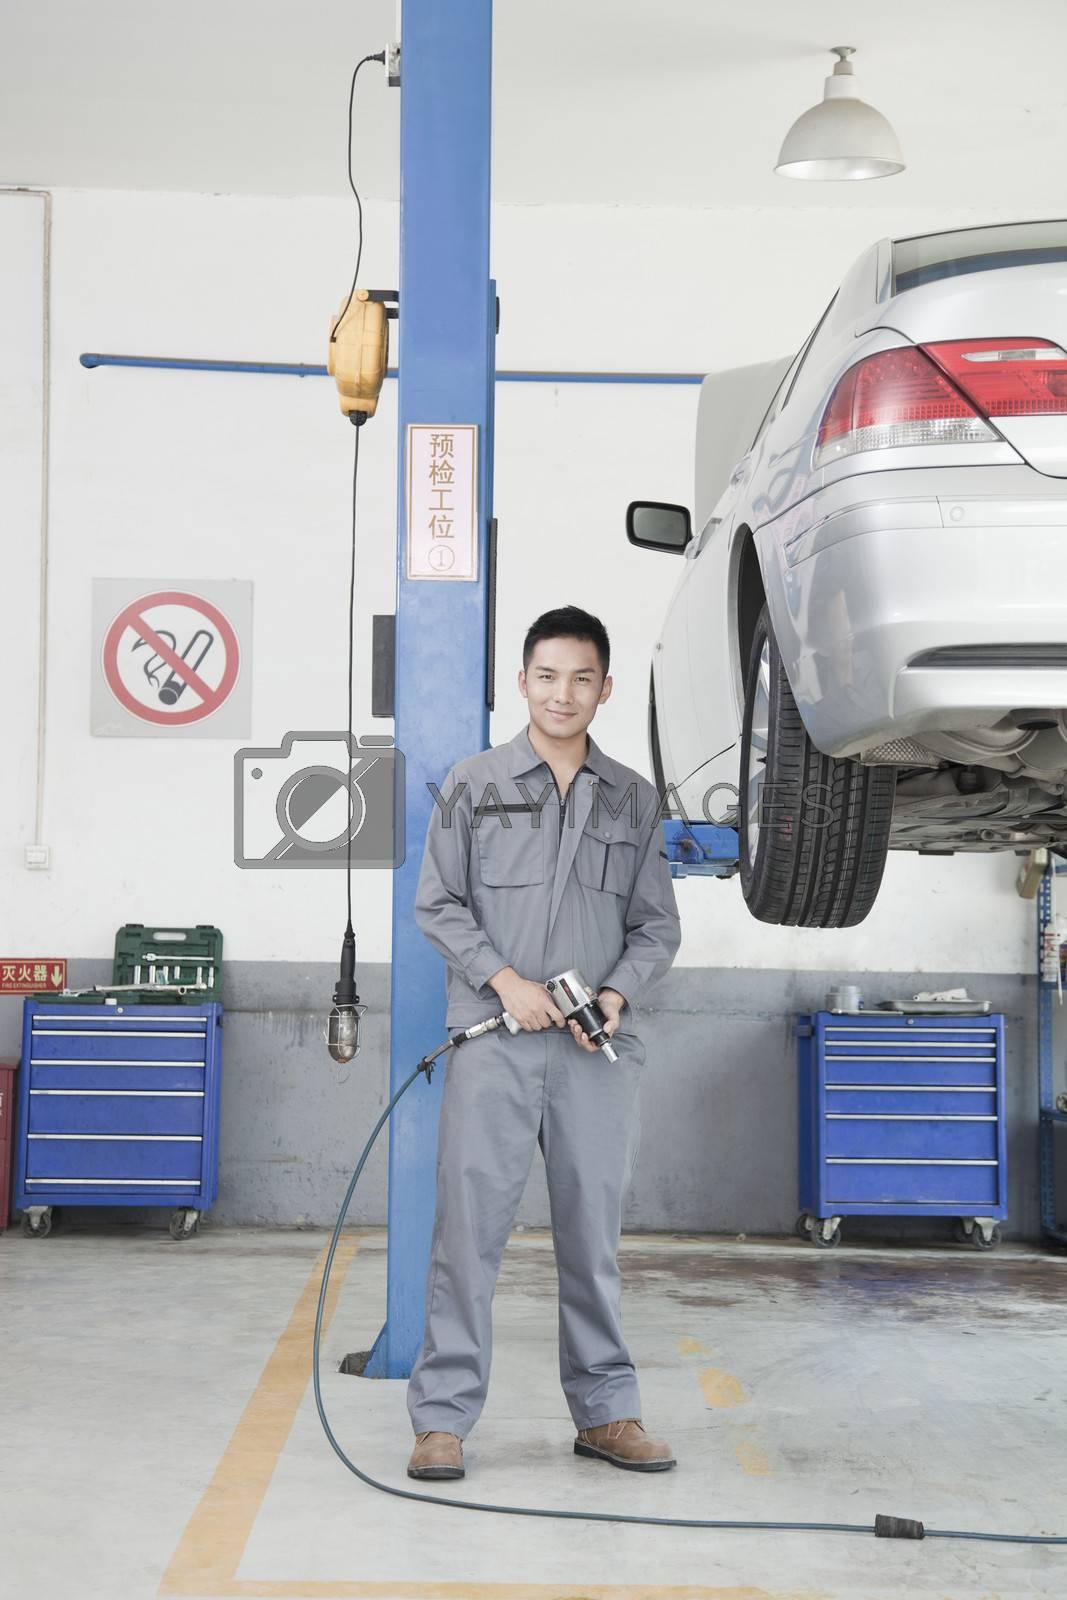 Mechanic Using Power Tool